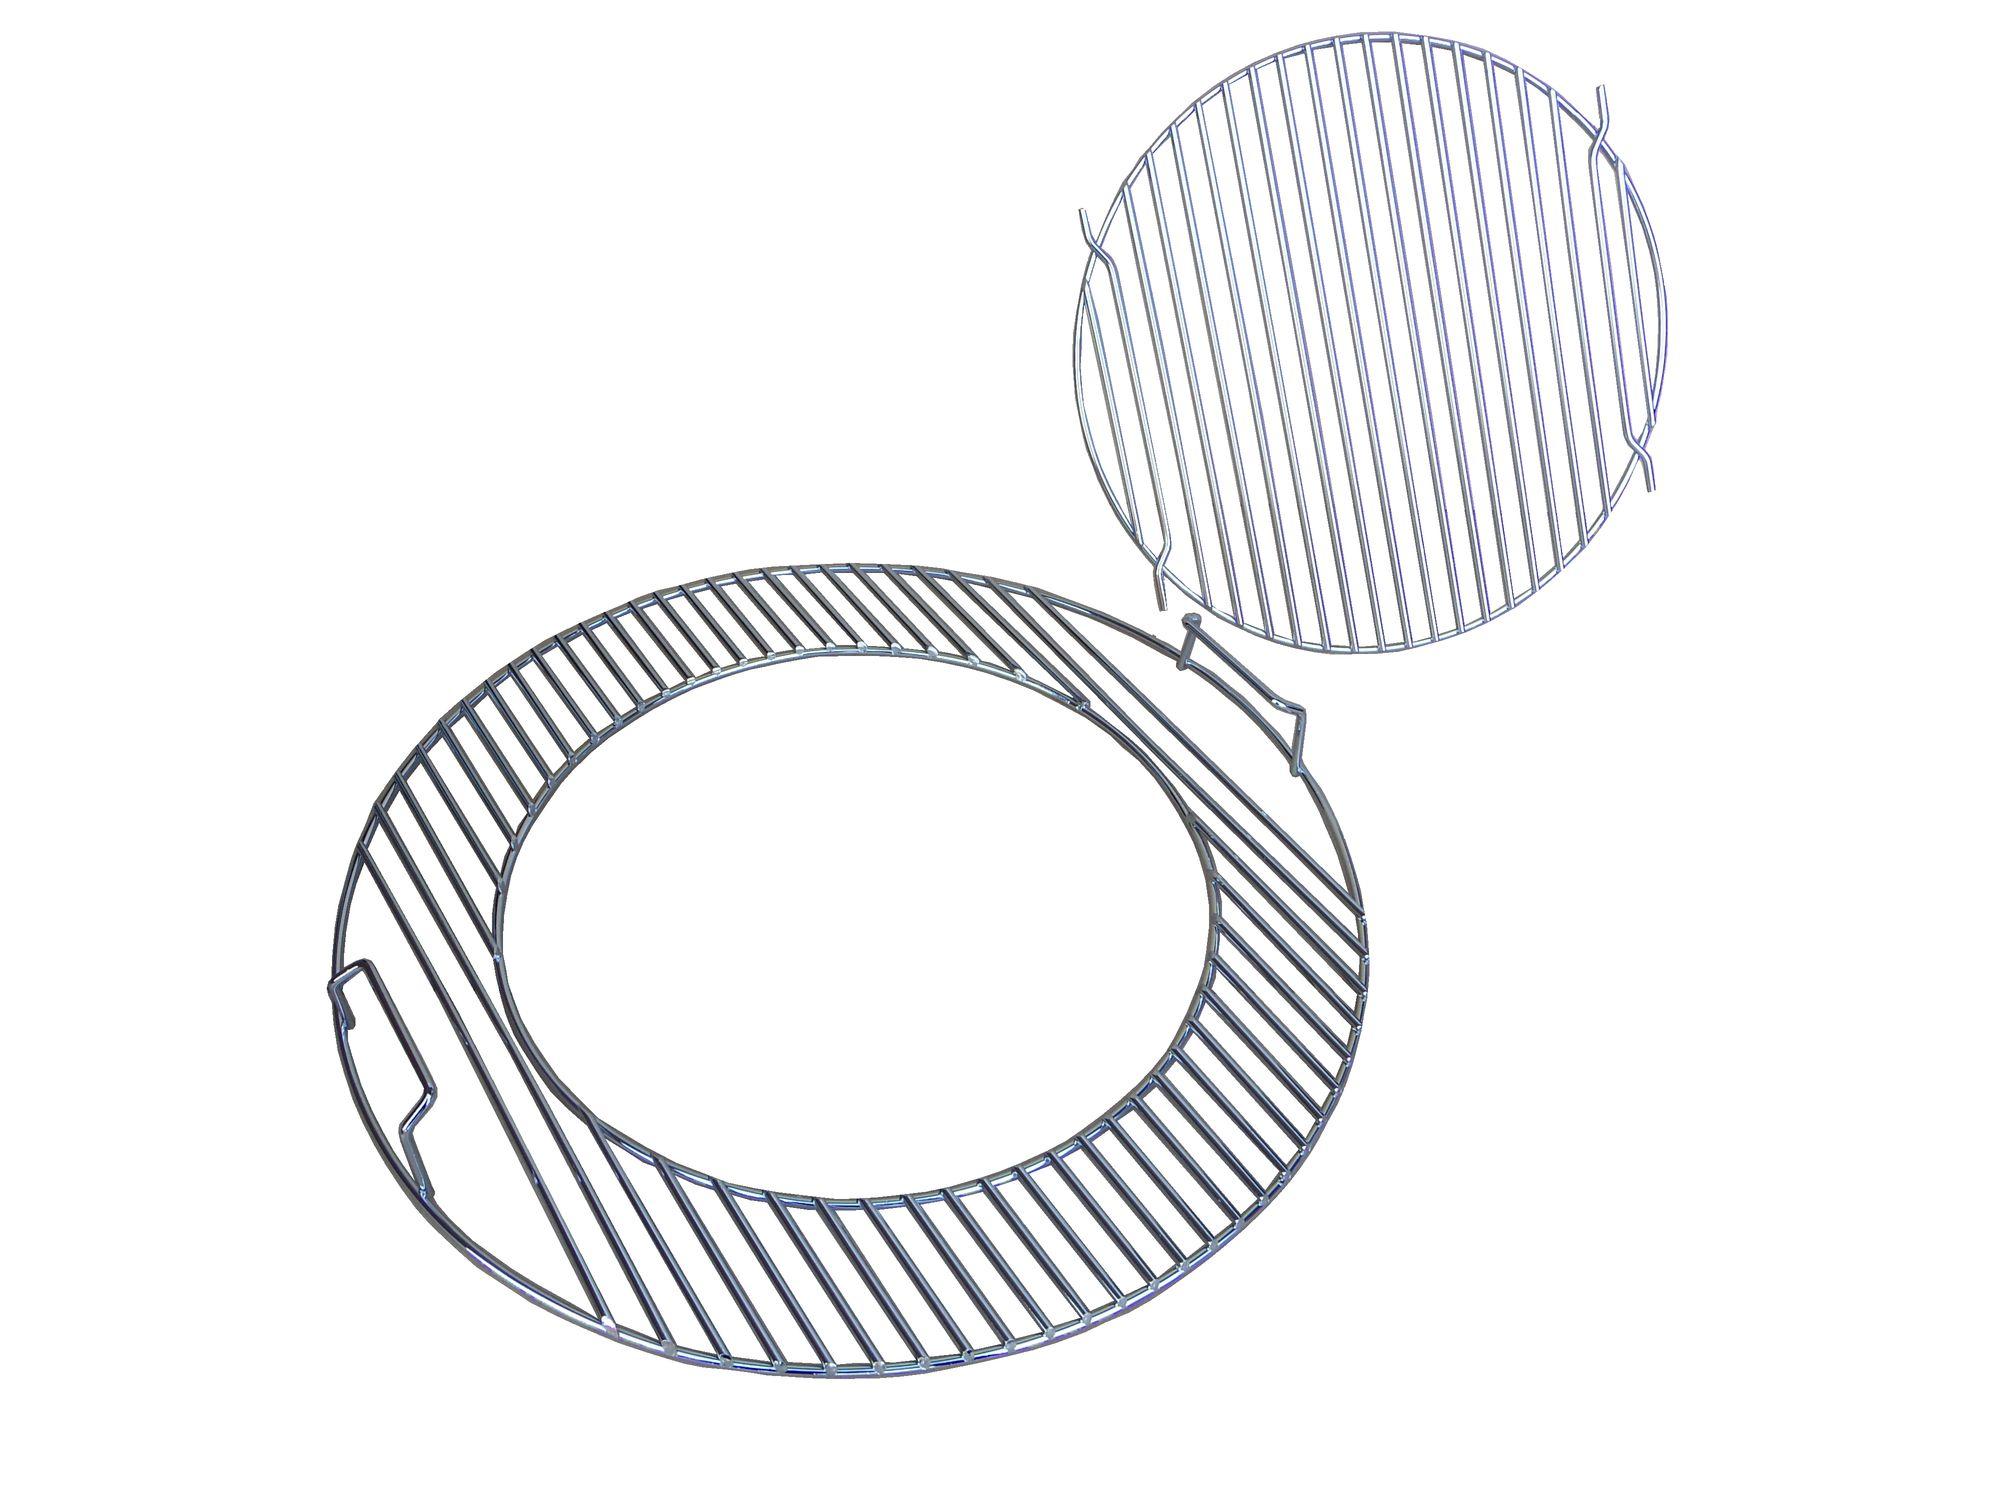 Grillrost rund für 47 cm 57 cm klappbar System für Einsatz Wok Pfanne Pizzastein